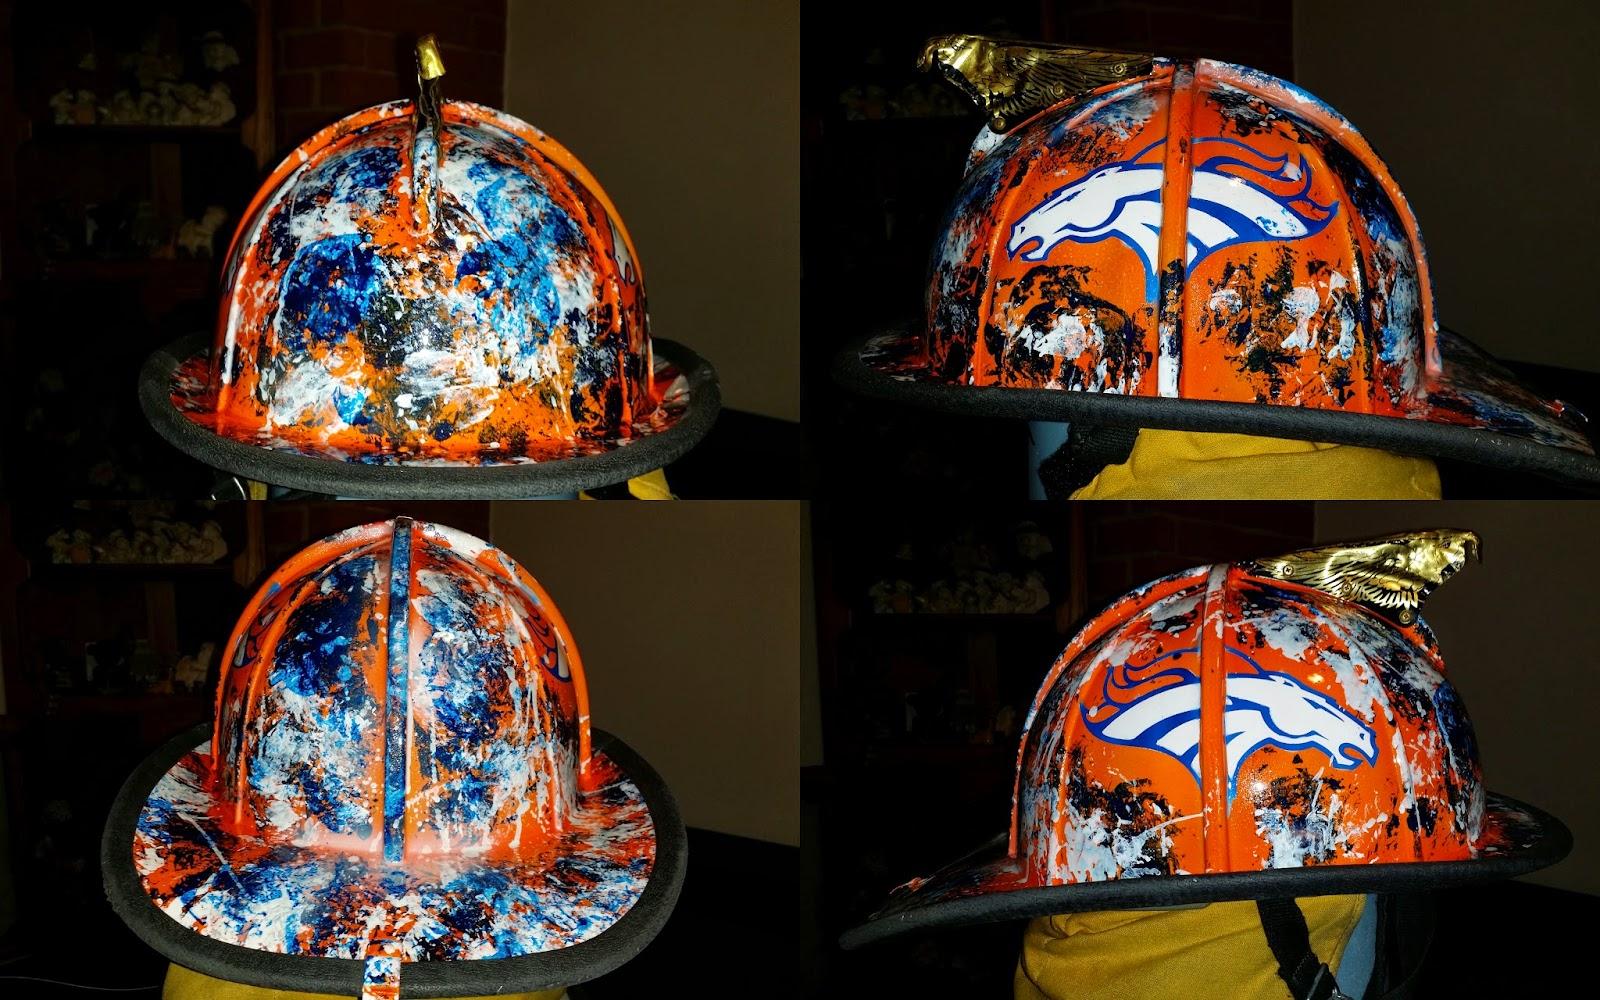 Denver Broncos fire helmet